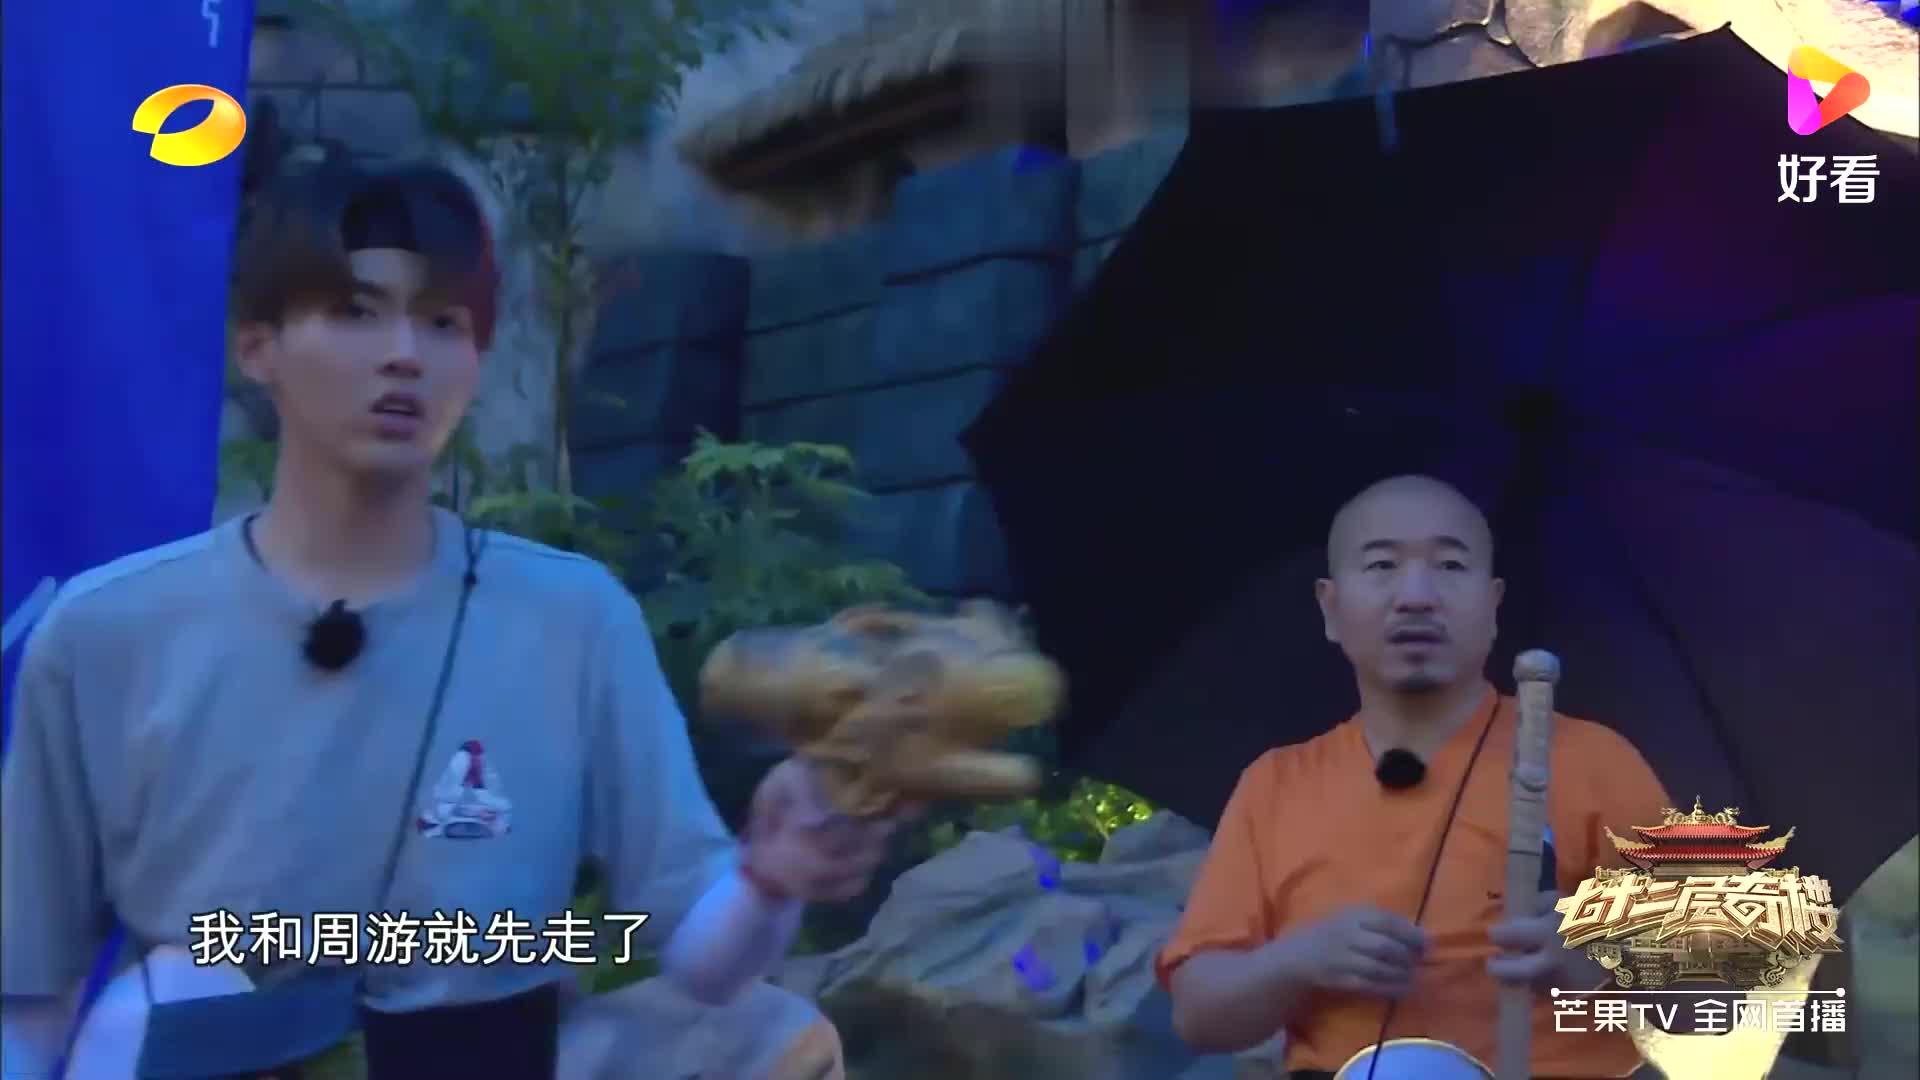 吴亦凡和郭京飞通话,所有问题都绕着弯说,太鸡贼!